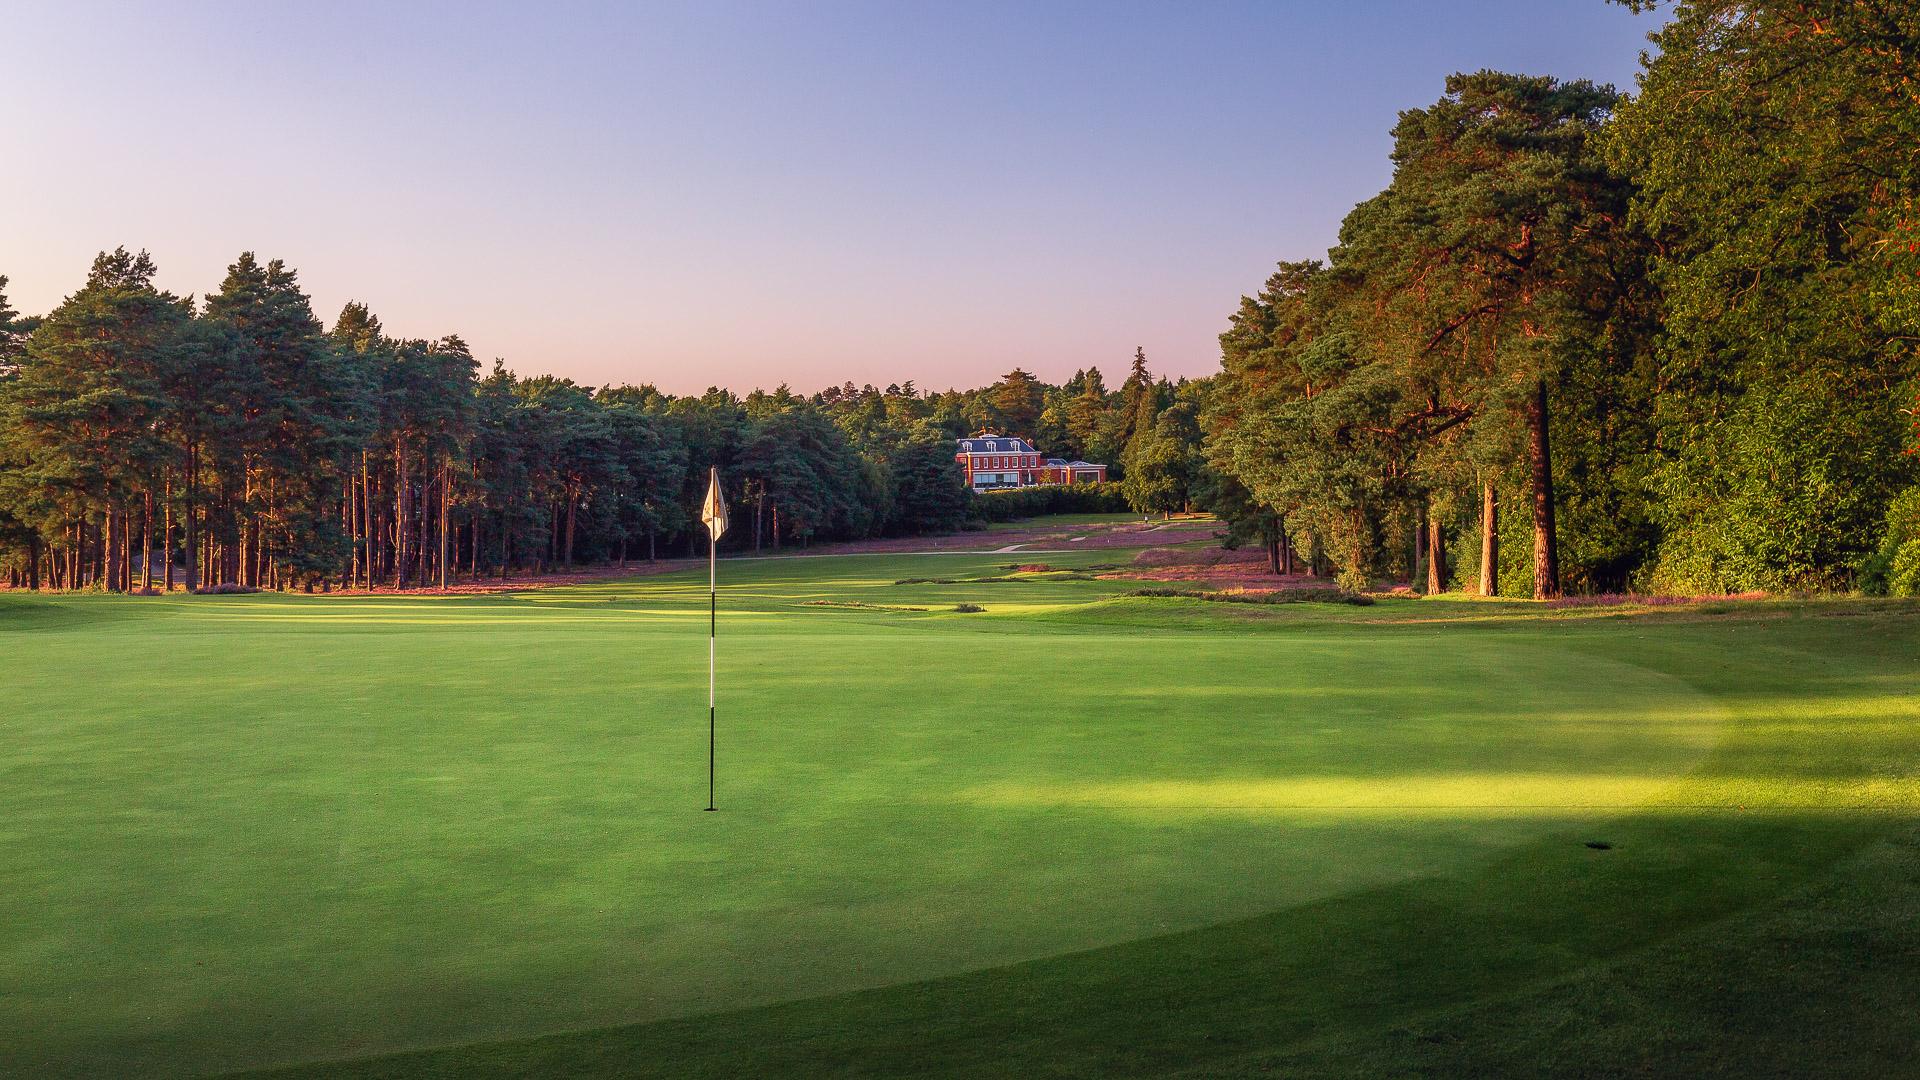 05th-Hole-St-Georges-Hill-Golf-Club-2261-Edit-2